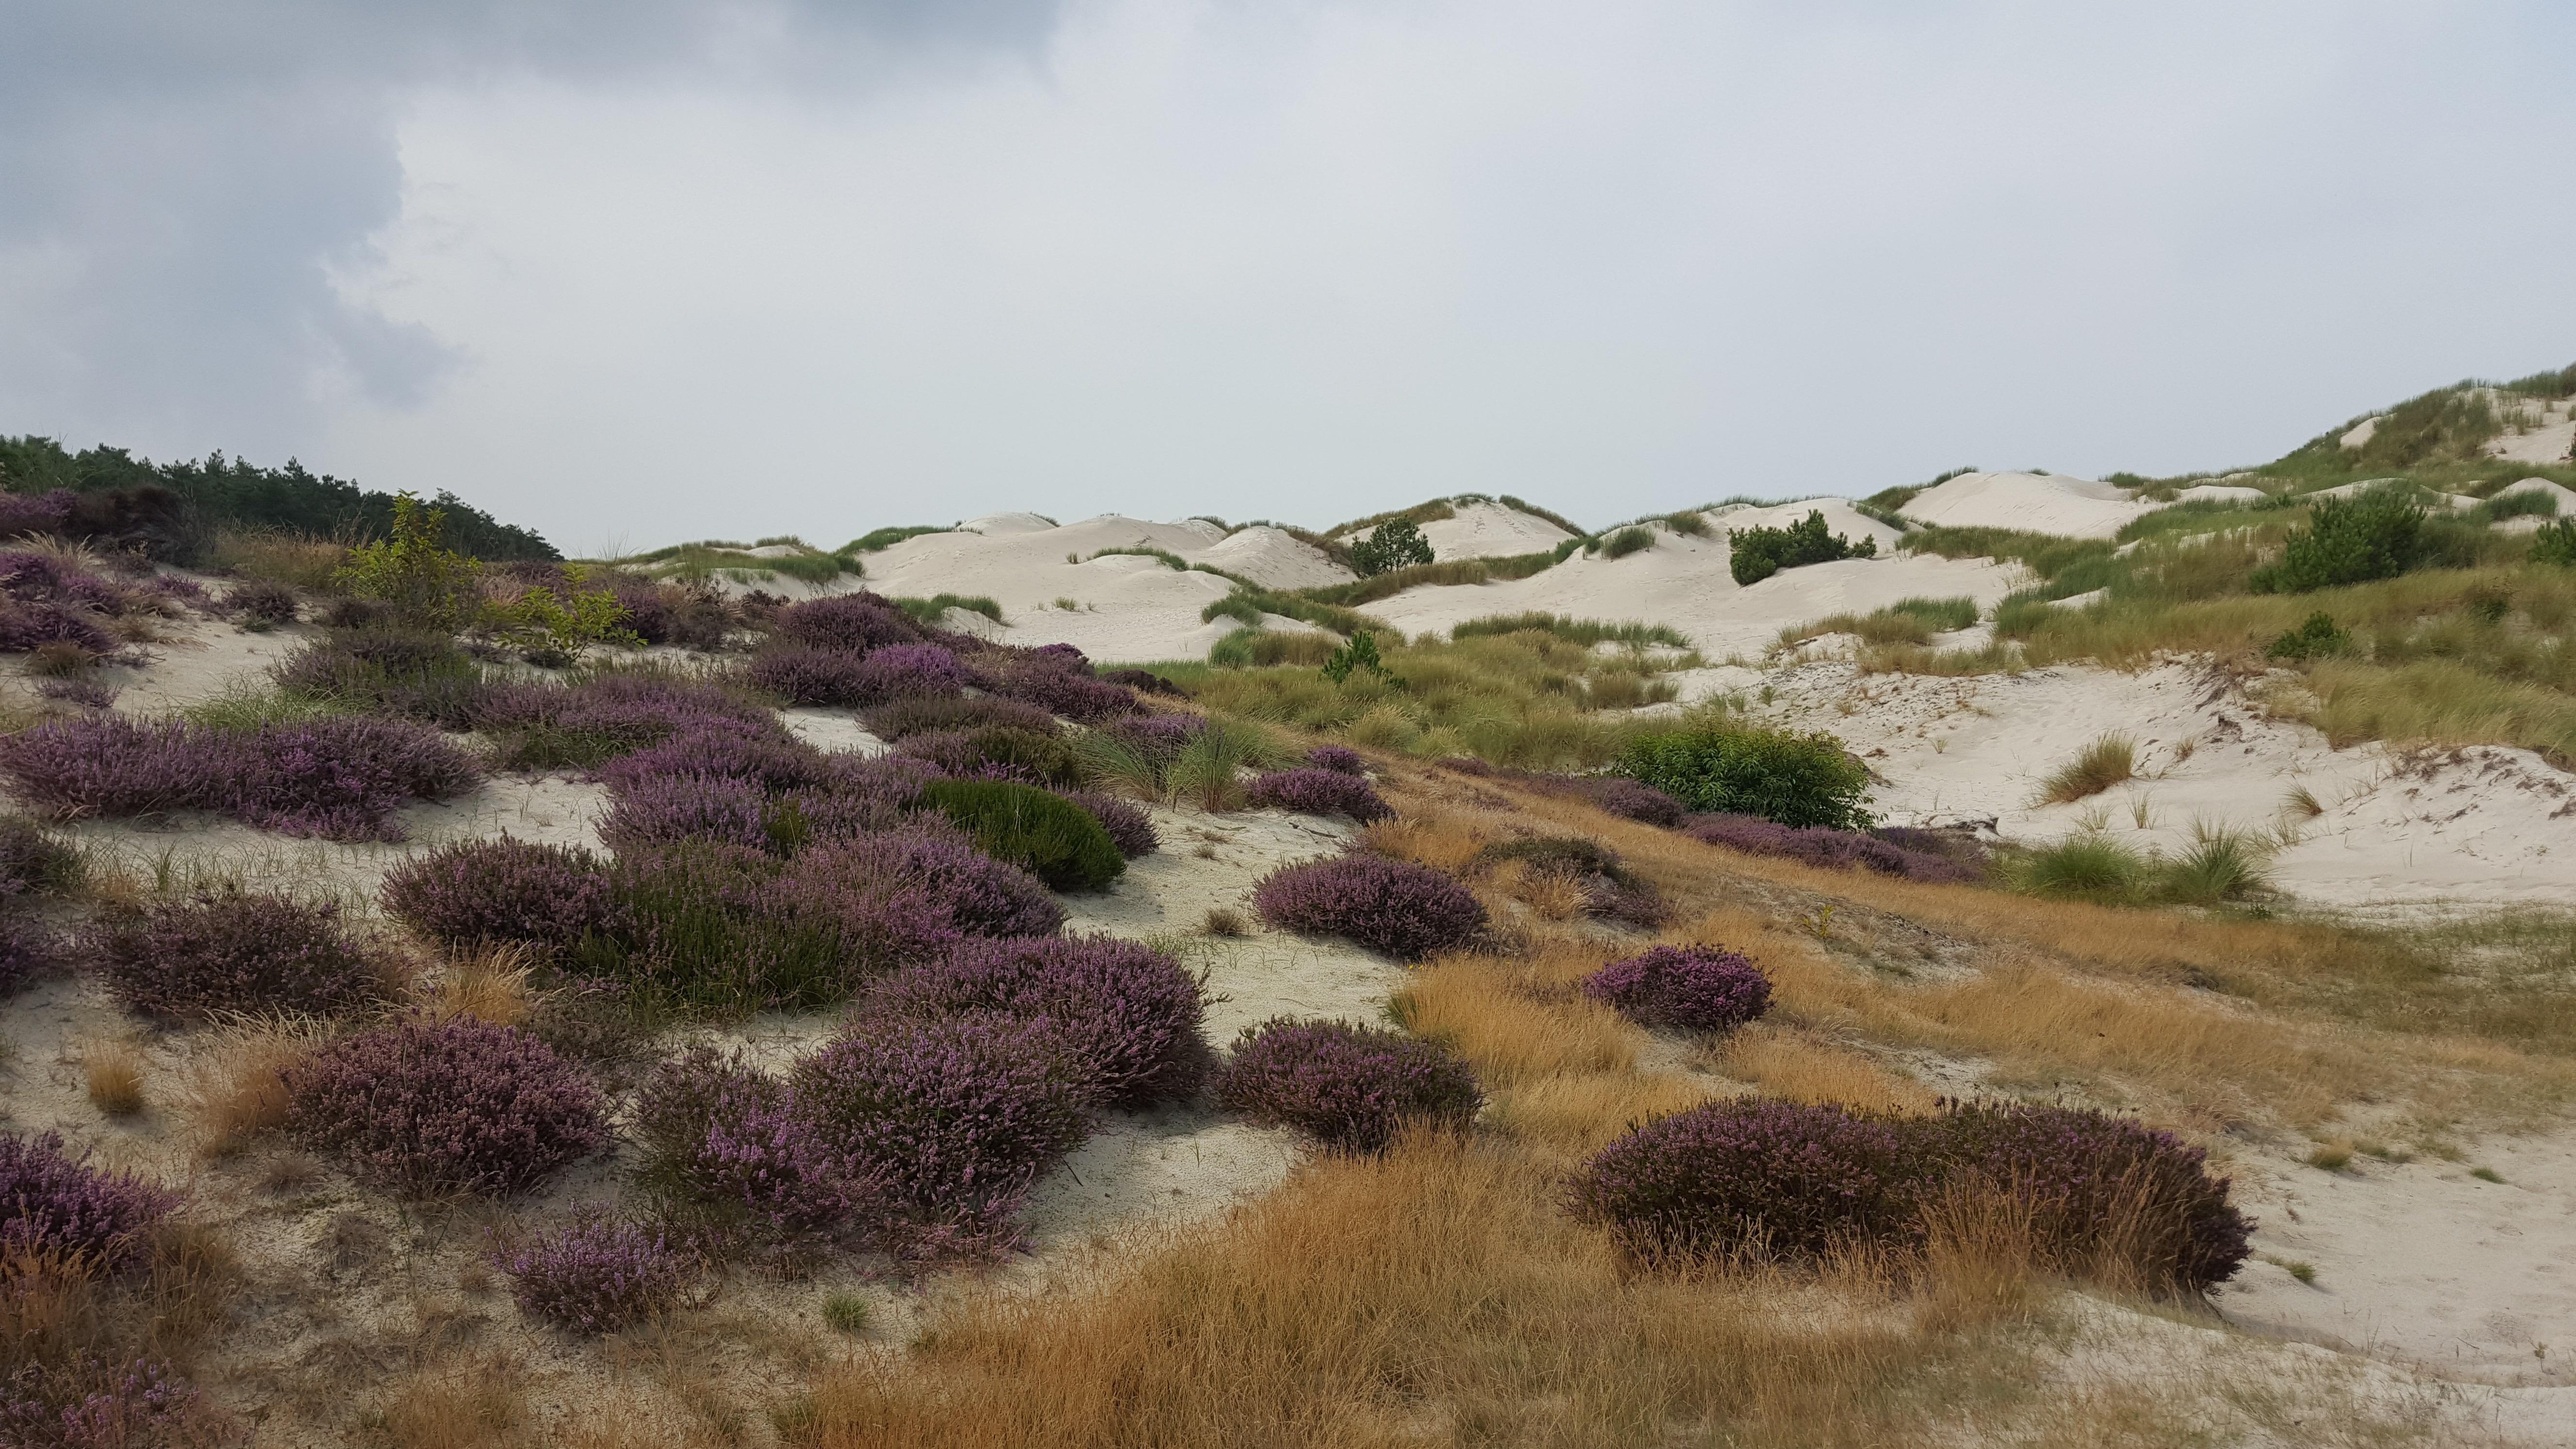 Werkzaamheden bestaan uit het verwijderen van bomen zodat er meer open duinen ontstaan en het op plekken weghalen van de bovenste bodemlaag zodat de heide zich kan 'verjongen'. (Foto: aangeleverd)